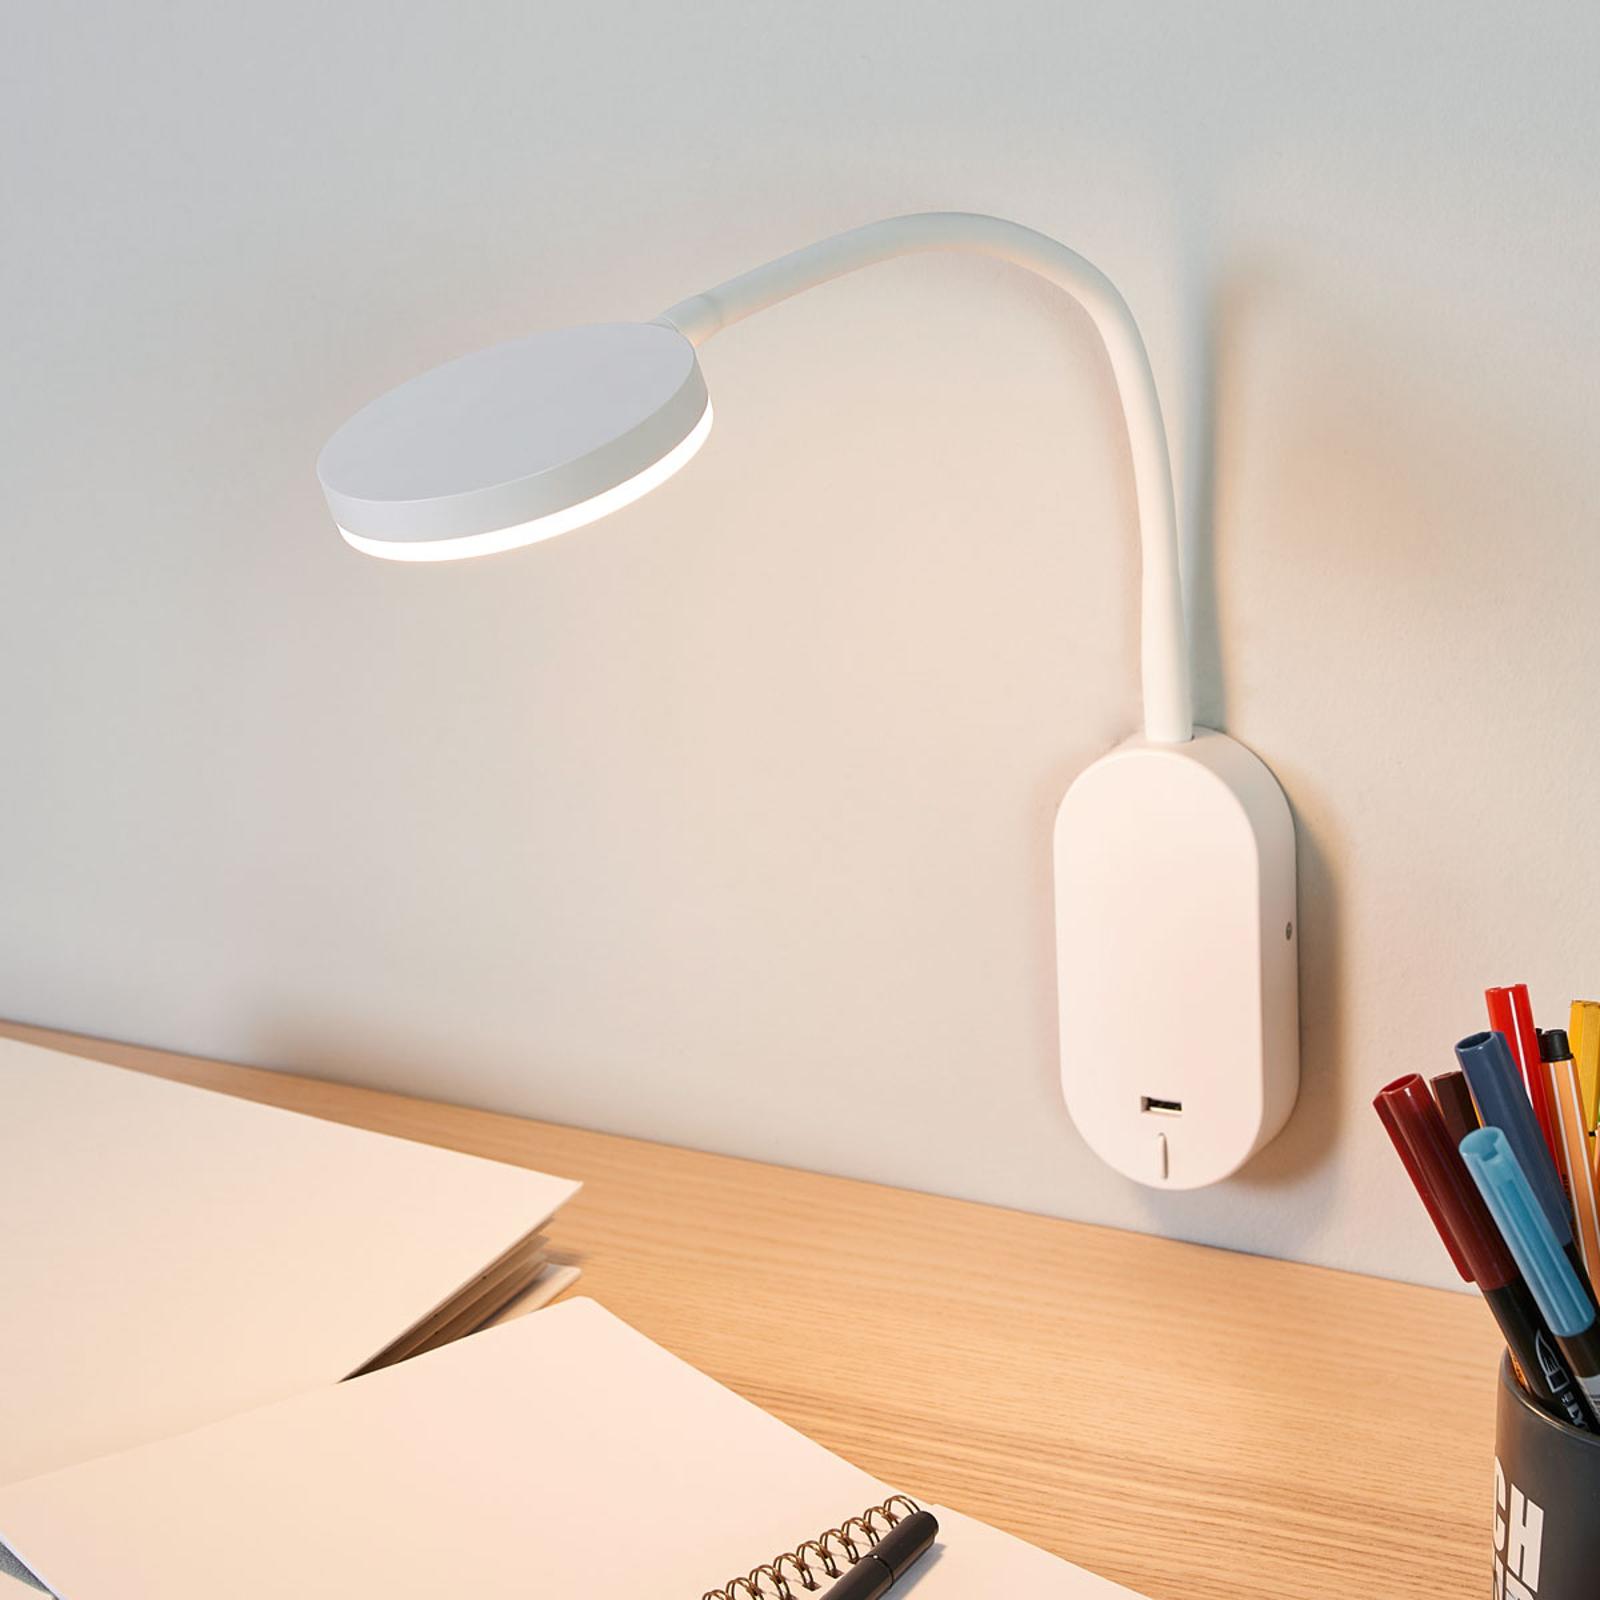 Applique LED avec bras flexible Milow, USB